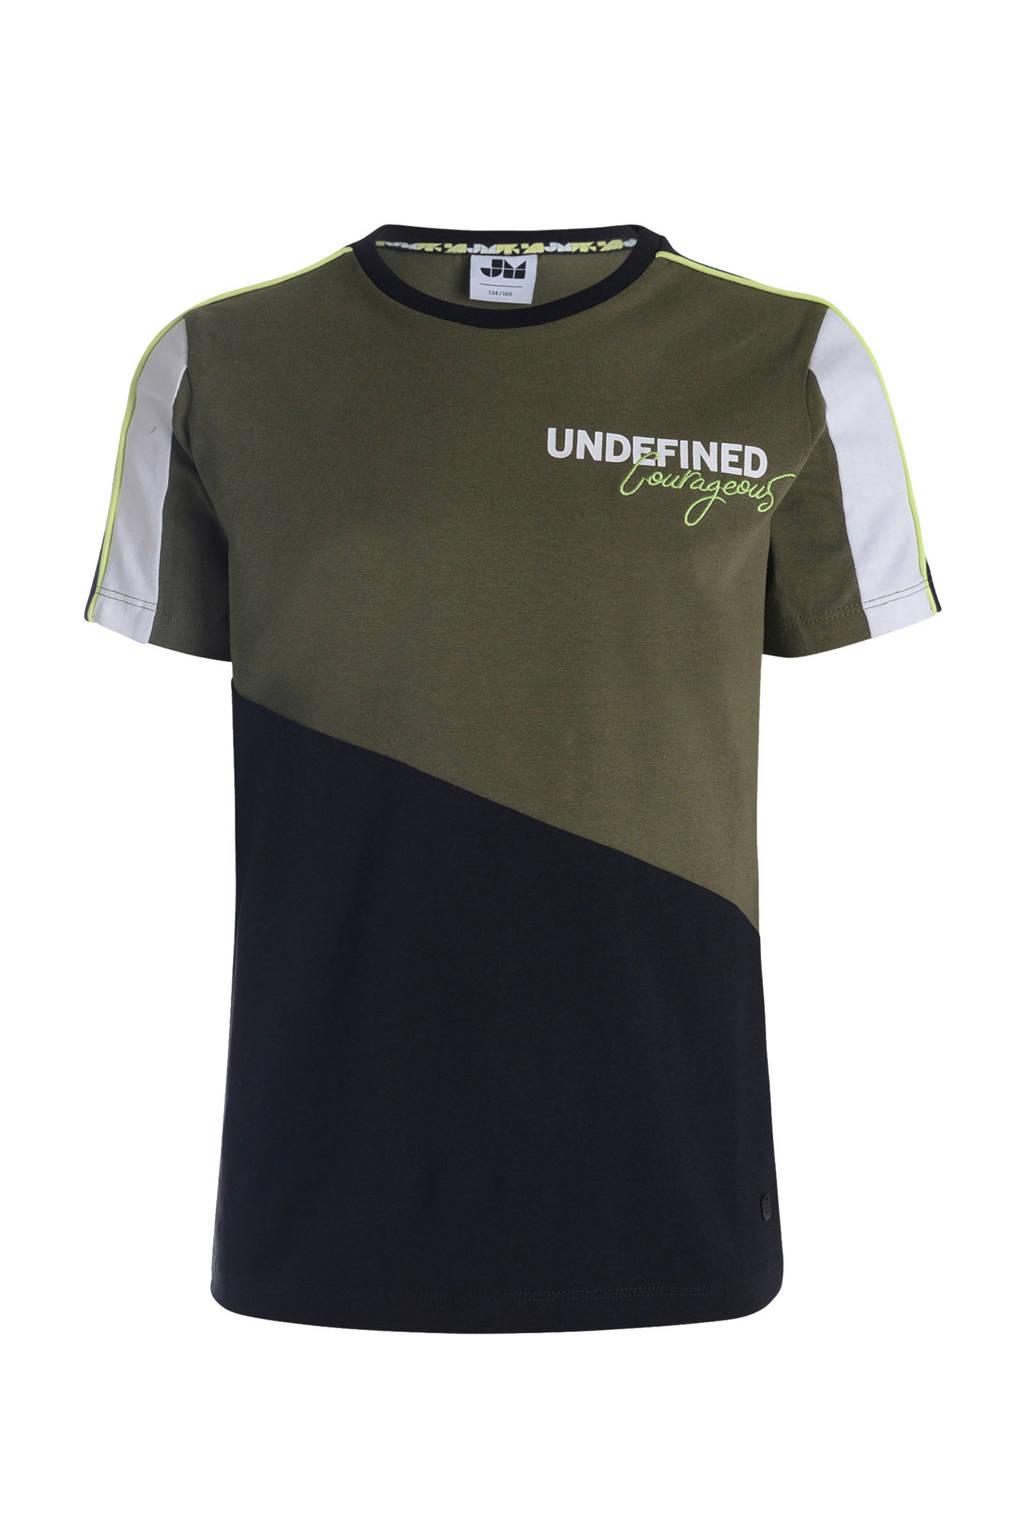 Mitch T-shirt met borduursels army groen/zwart/wit, Army groen/zwart/wit